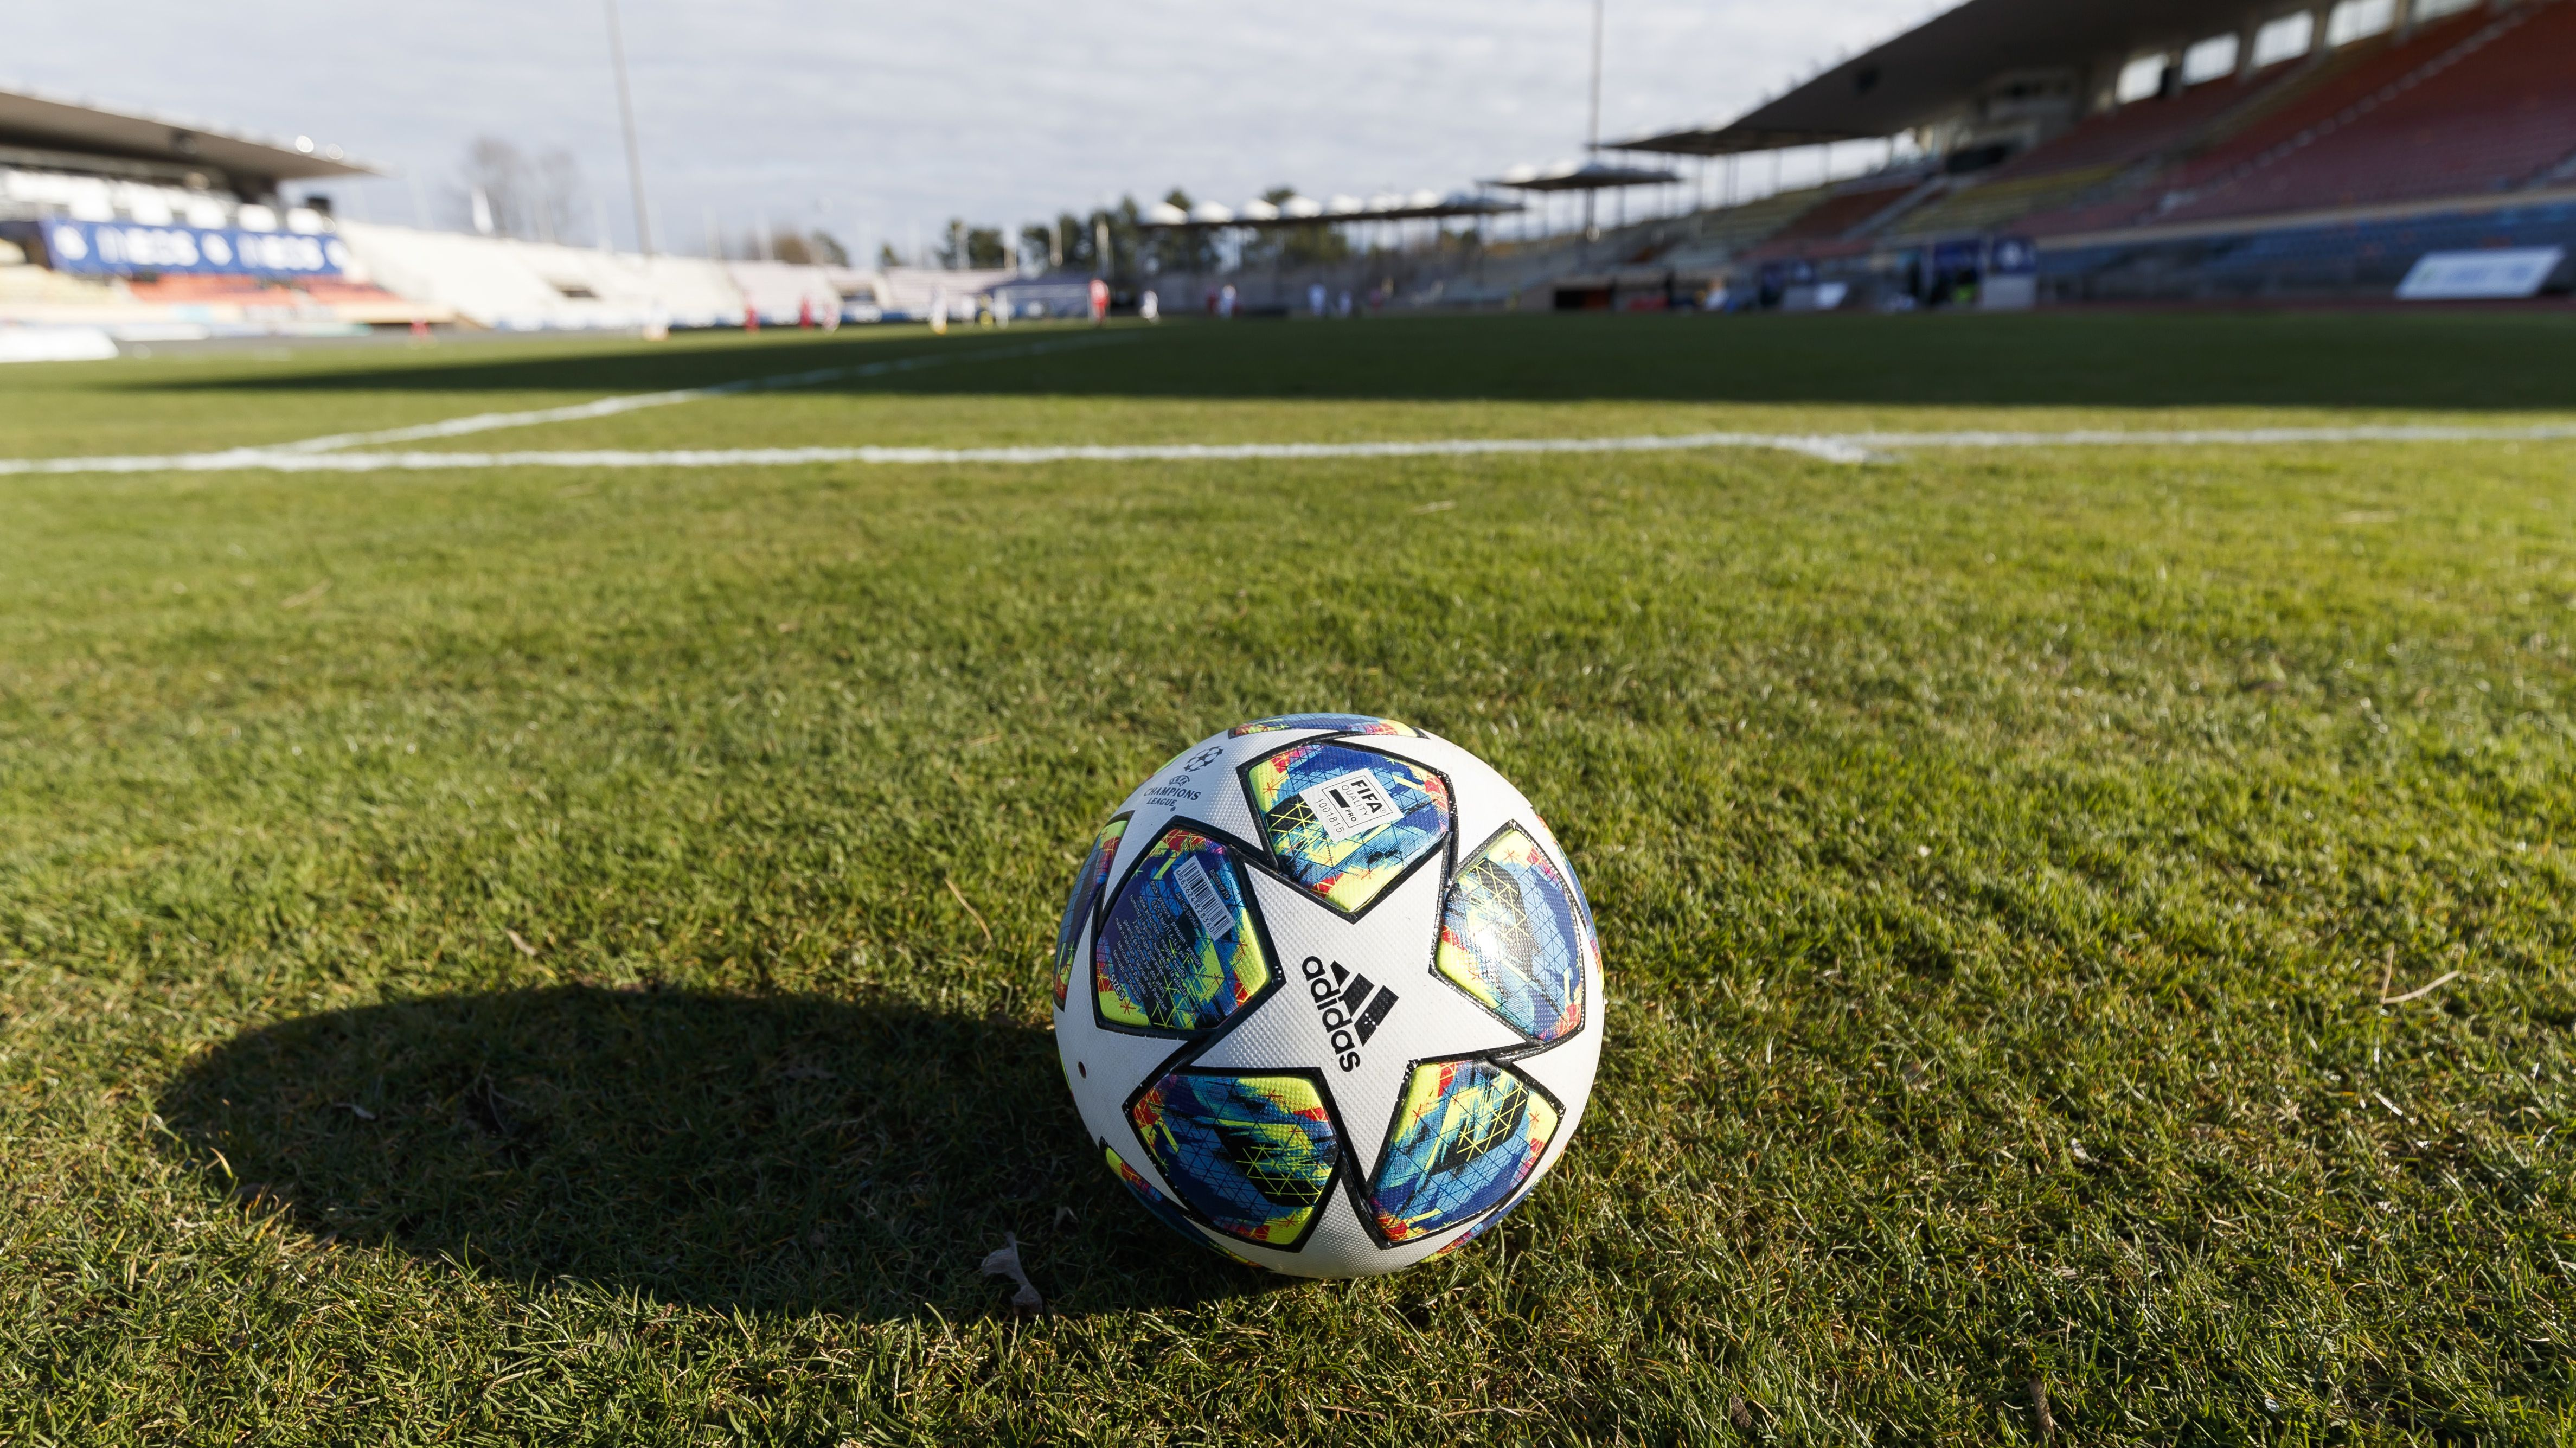 Fußball in einem leeren Stadion